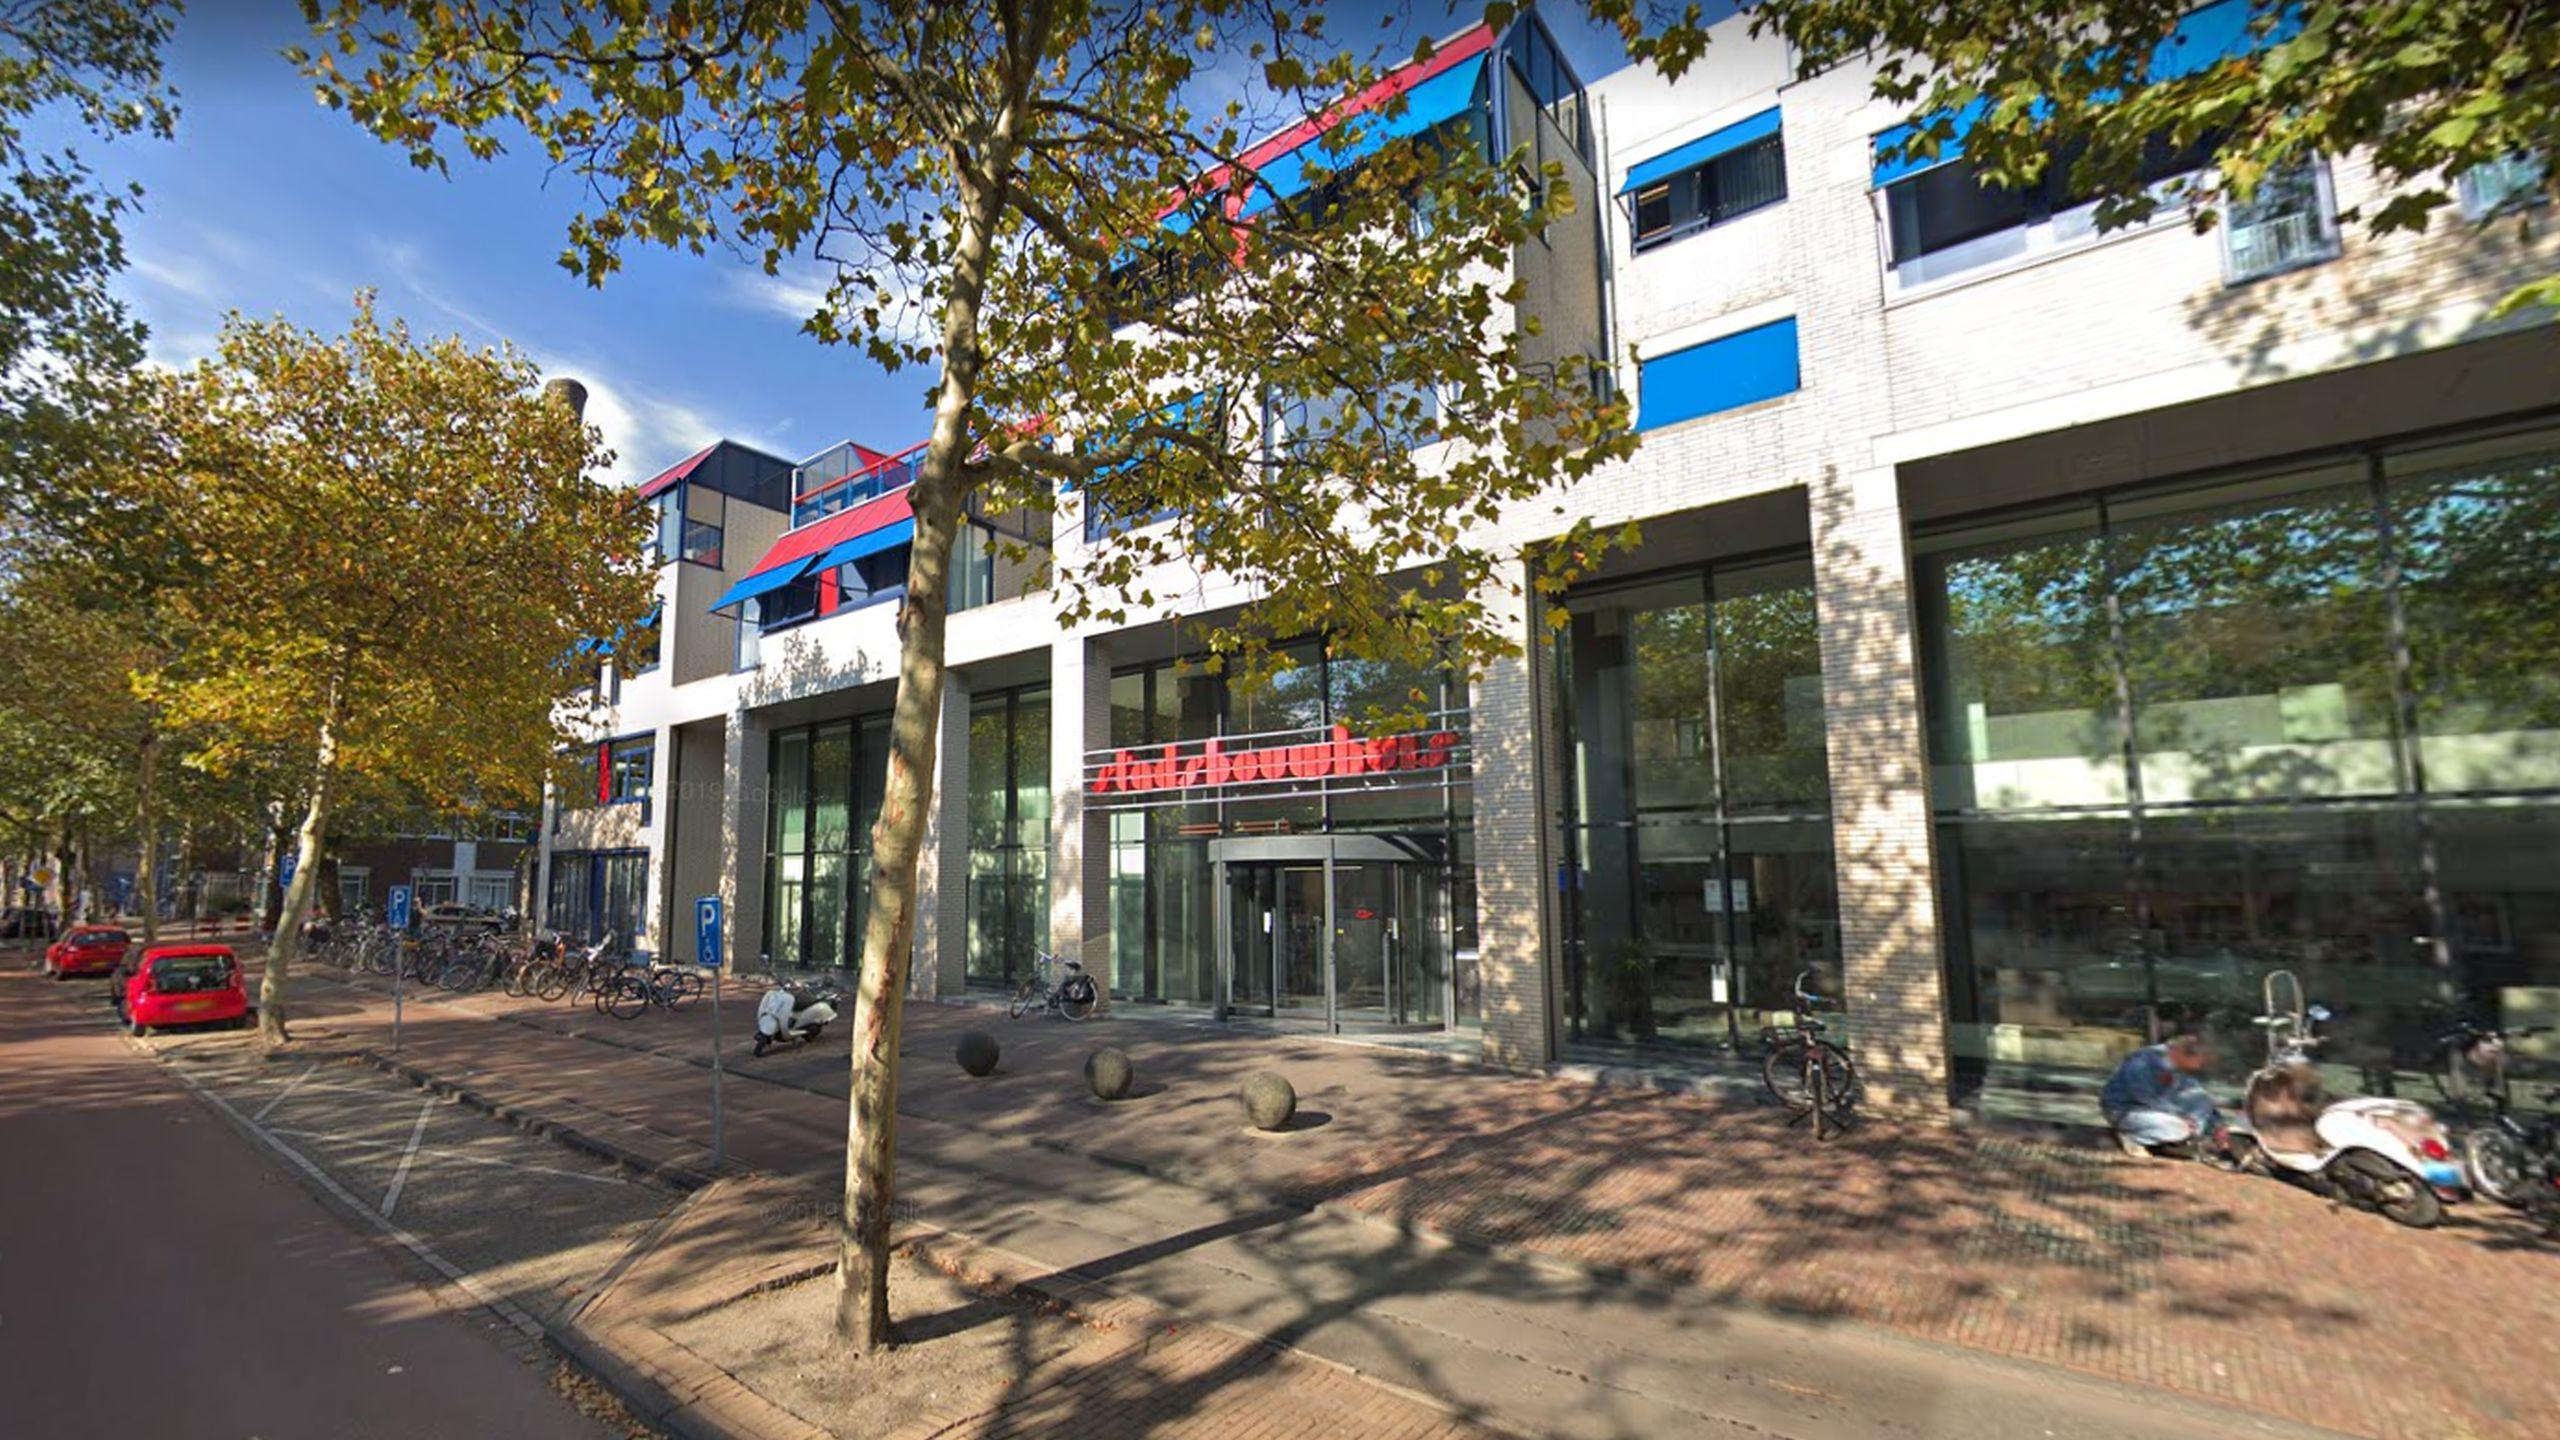 Stadsbouwhuis Leiden Circulair ontwikkeld?